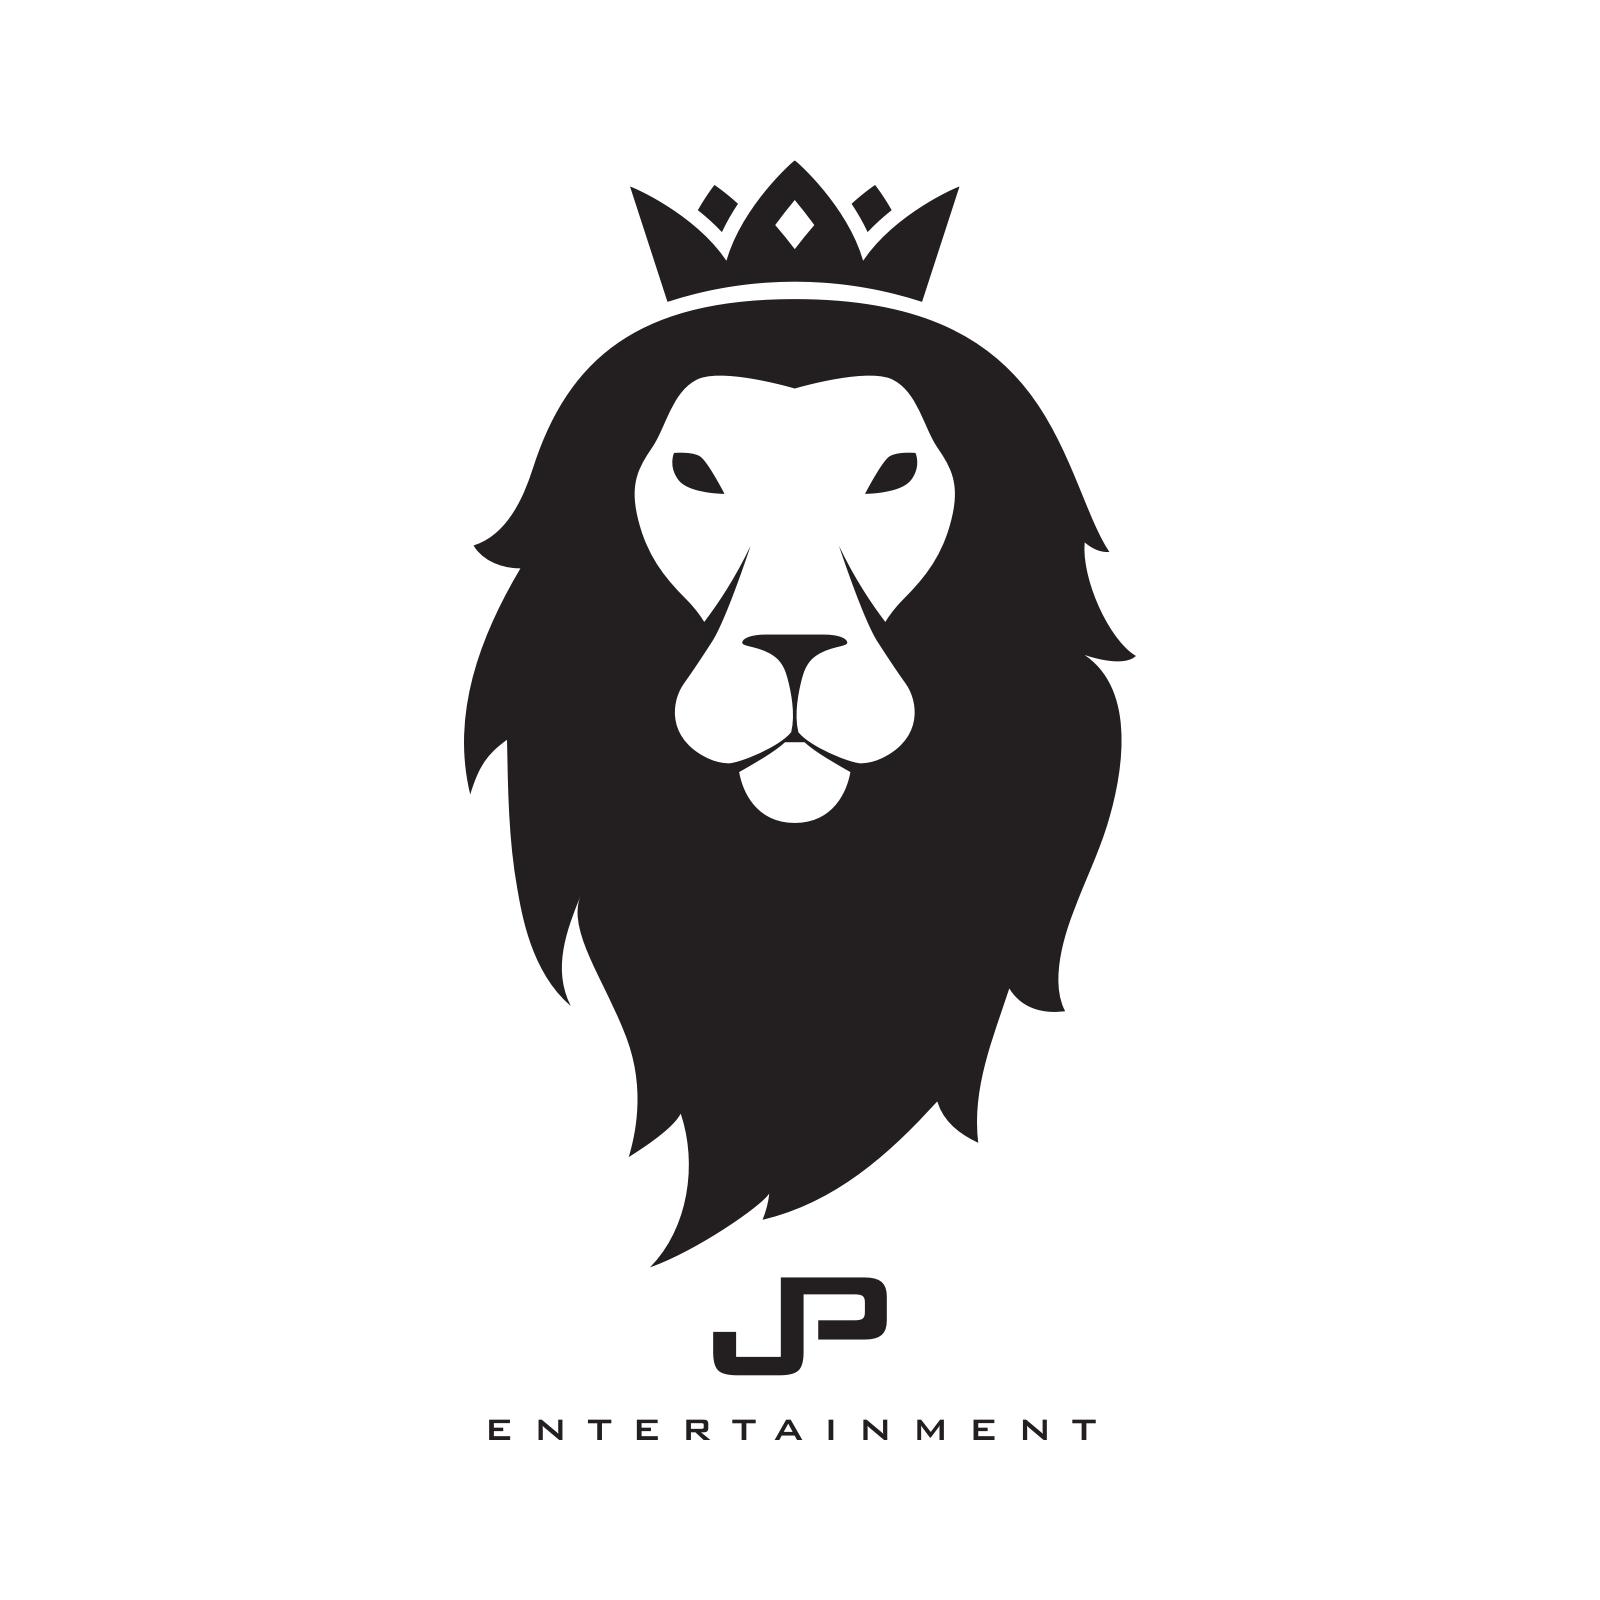 logo1 copy 66@2x.jpg